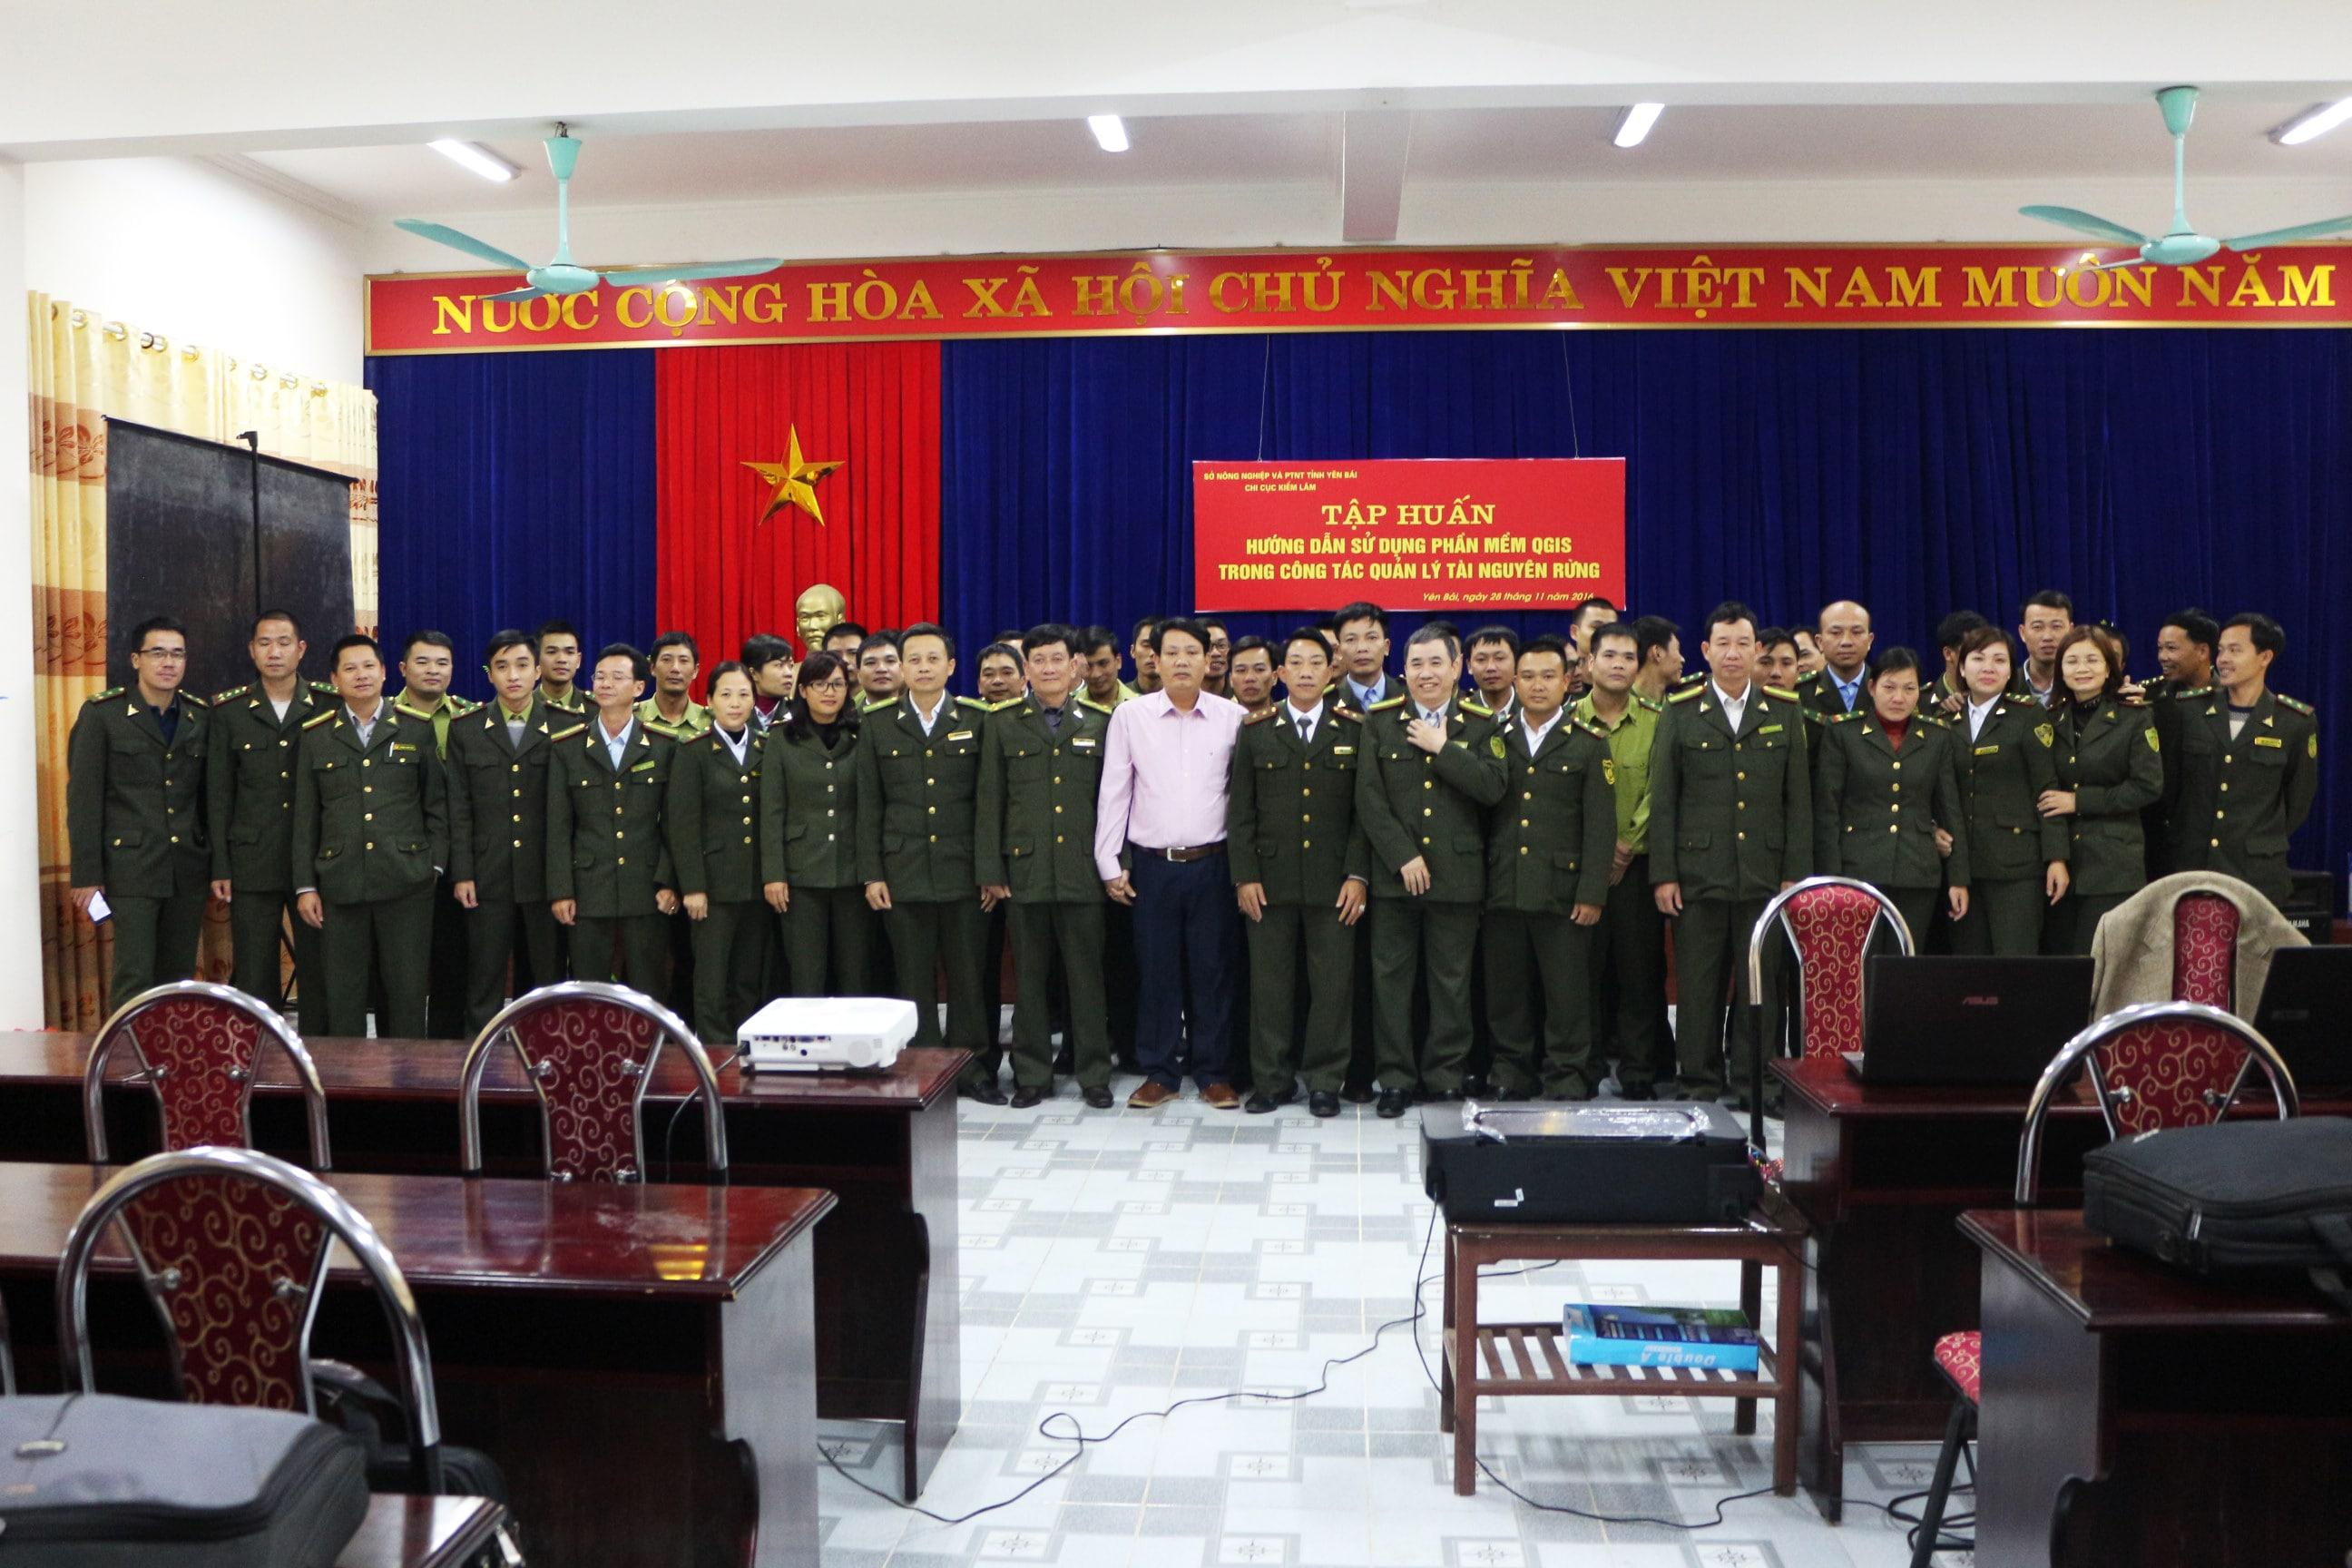 Chụp ảnh lưu niệm với lãnh đạo và các cán bộ kiểm lâm tỉnh Yên Bái